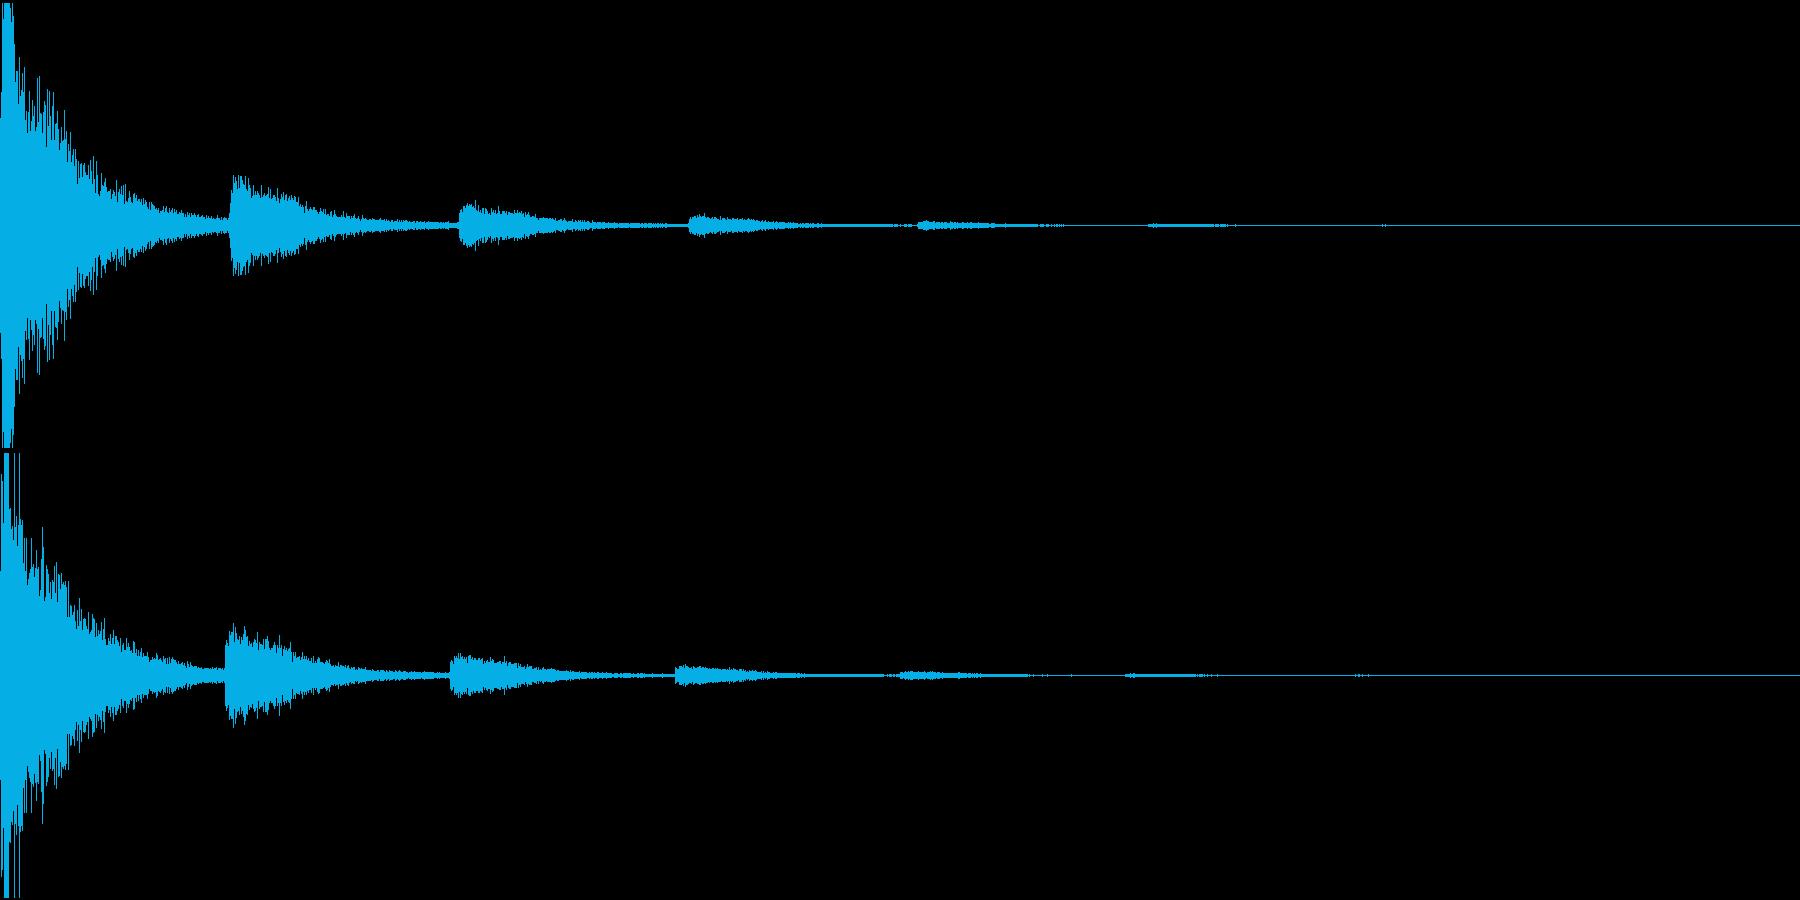 ばーん(撃墜された音)の再生済みの波形